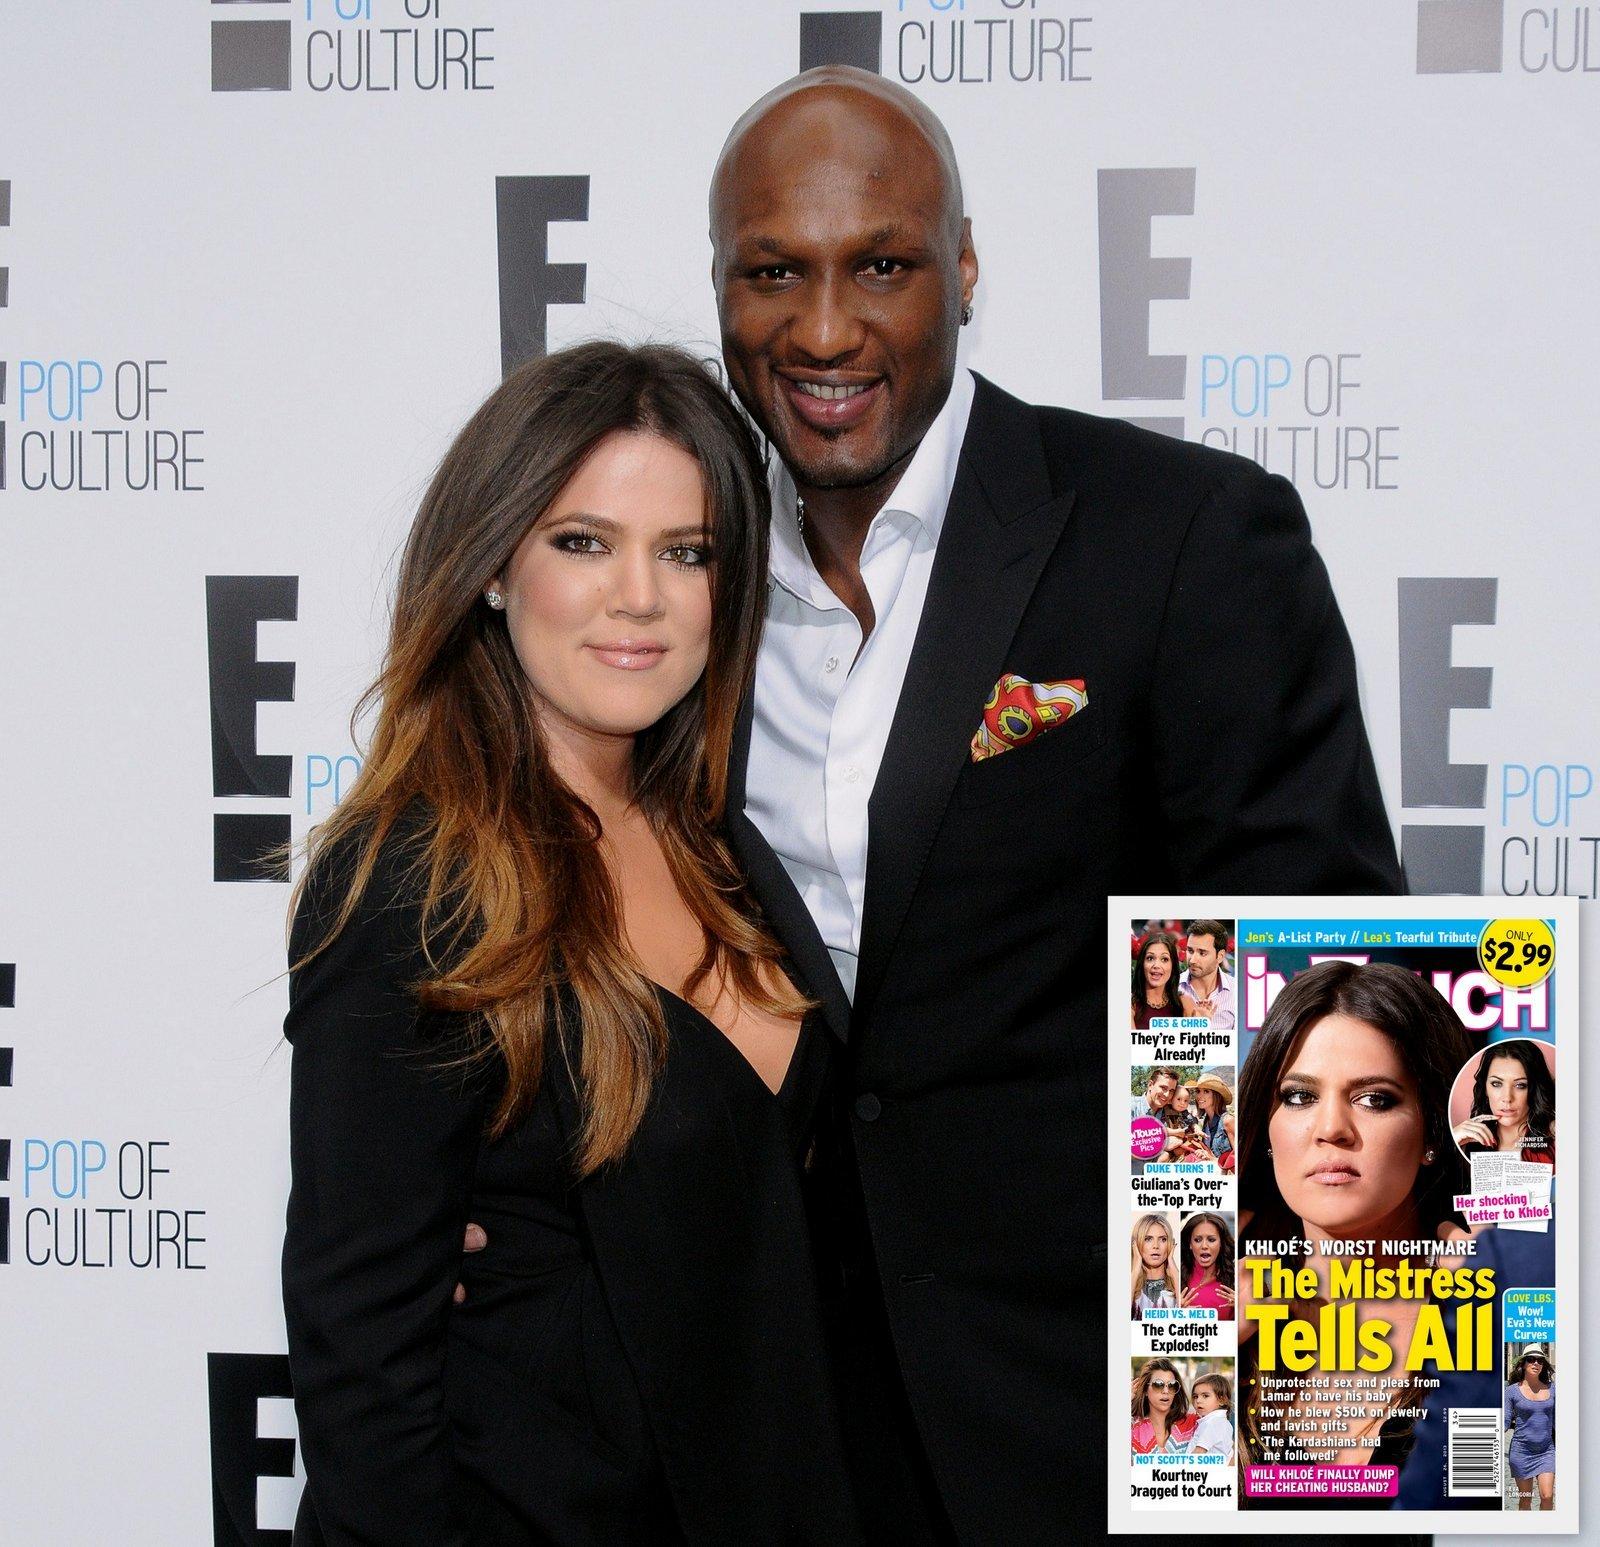 Khloe Kardashian Lamar Odom affair divorce